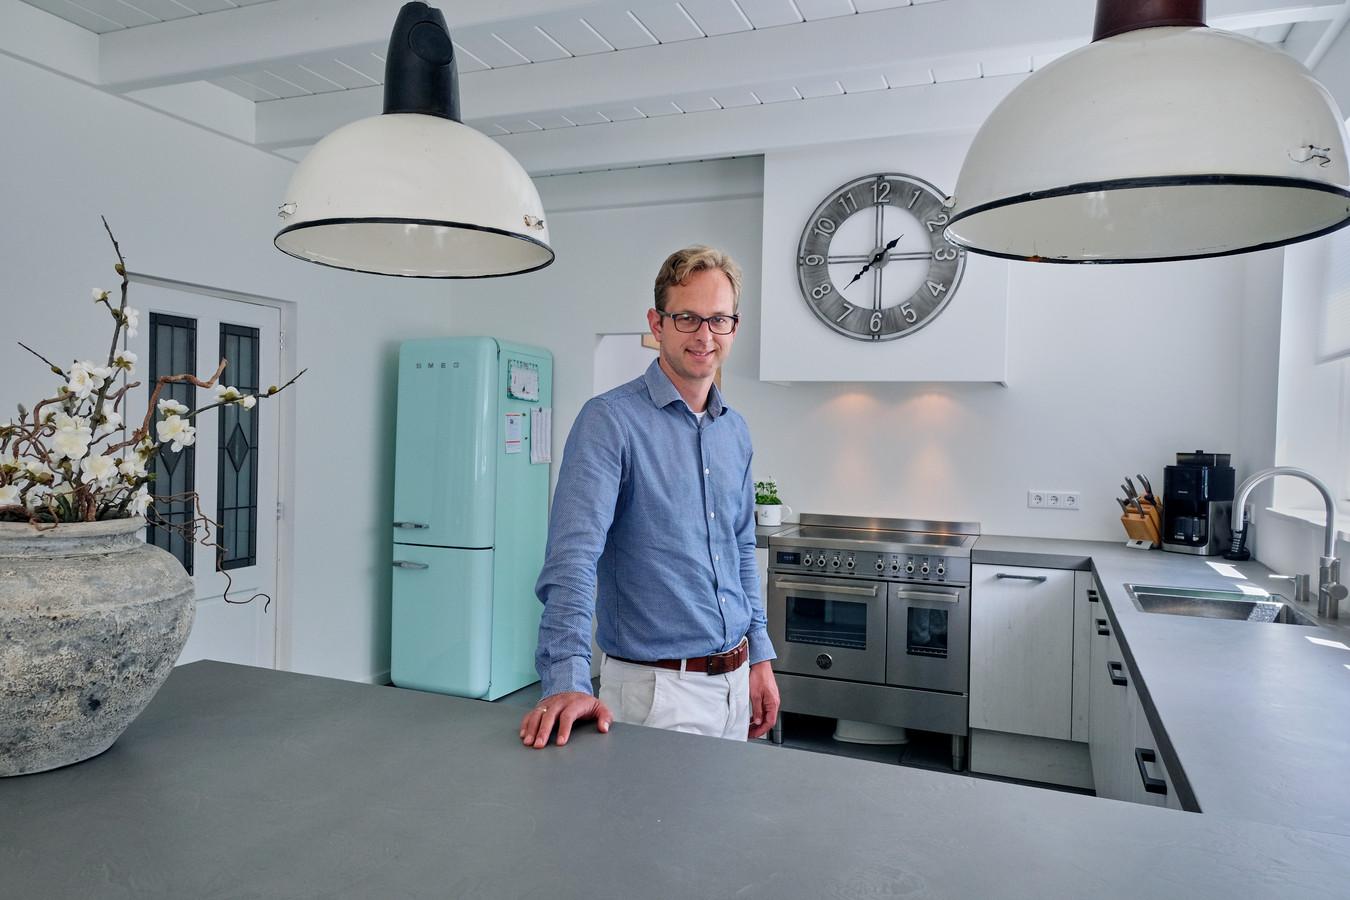 Linco Nieuwenhuyzen in de nieuwe aanbouw waar de keuken en eetkamer te vinden zijn.